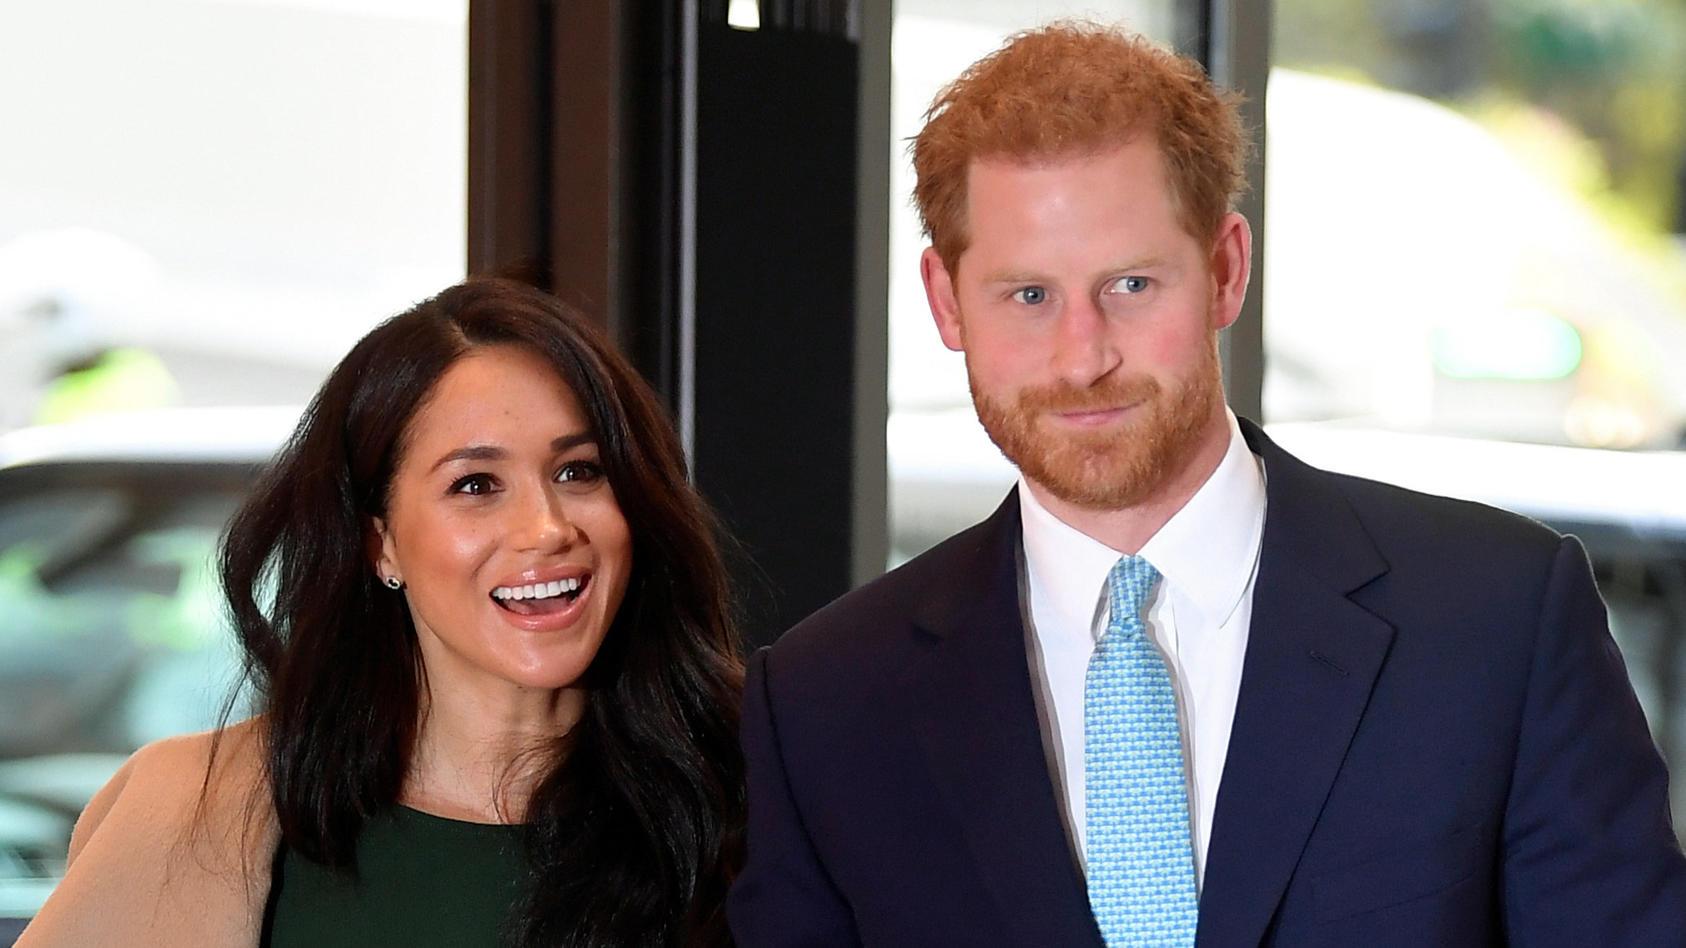 Prinz Harry und Herzogin Meghan wagen einen beruflichen Neustart.